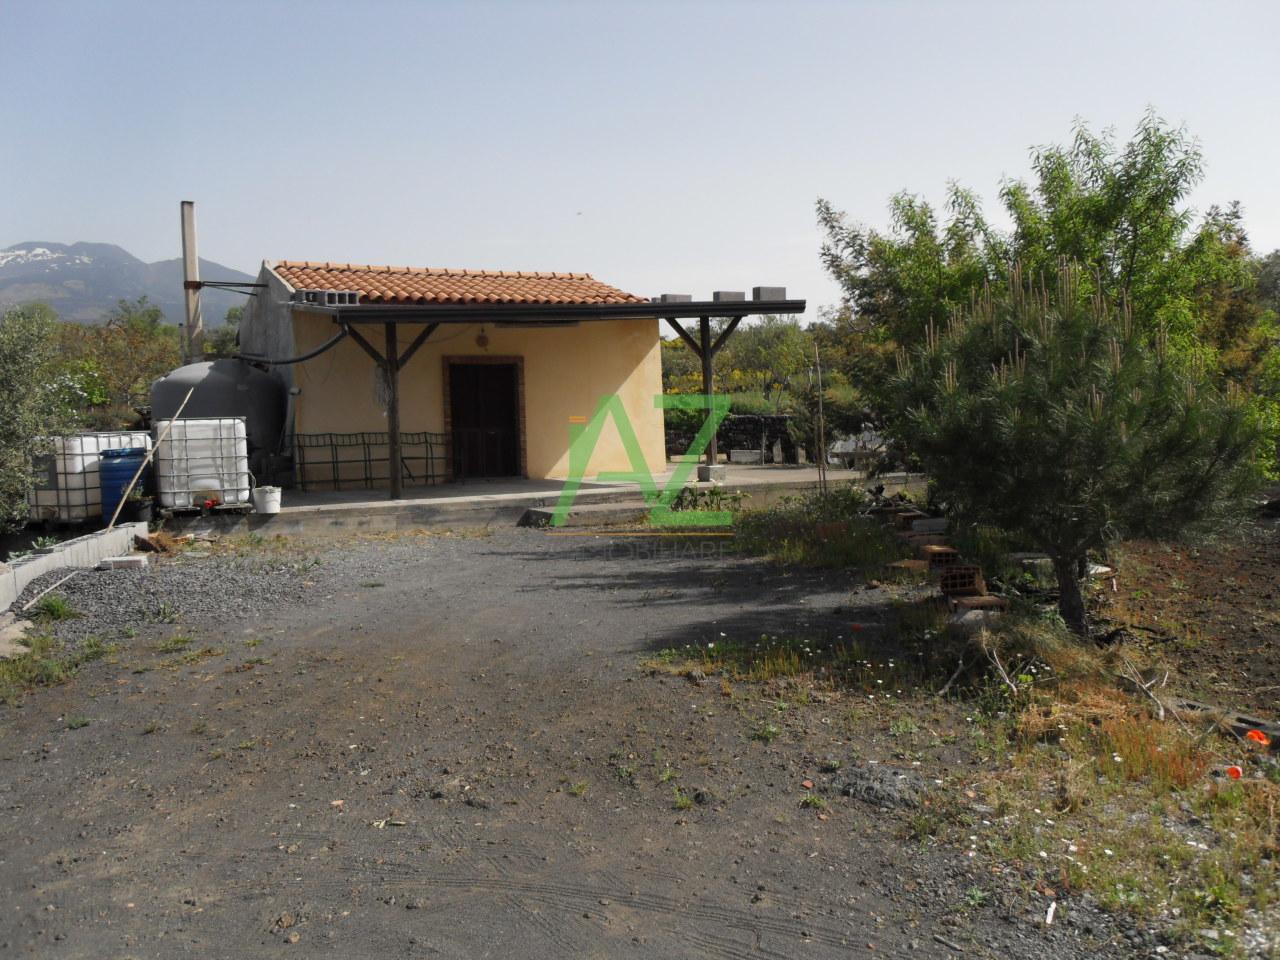 Rustico / Casale in vendita a Belpasso, 9999 locali, prezzo € 45.000 | Cambio Casa.it